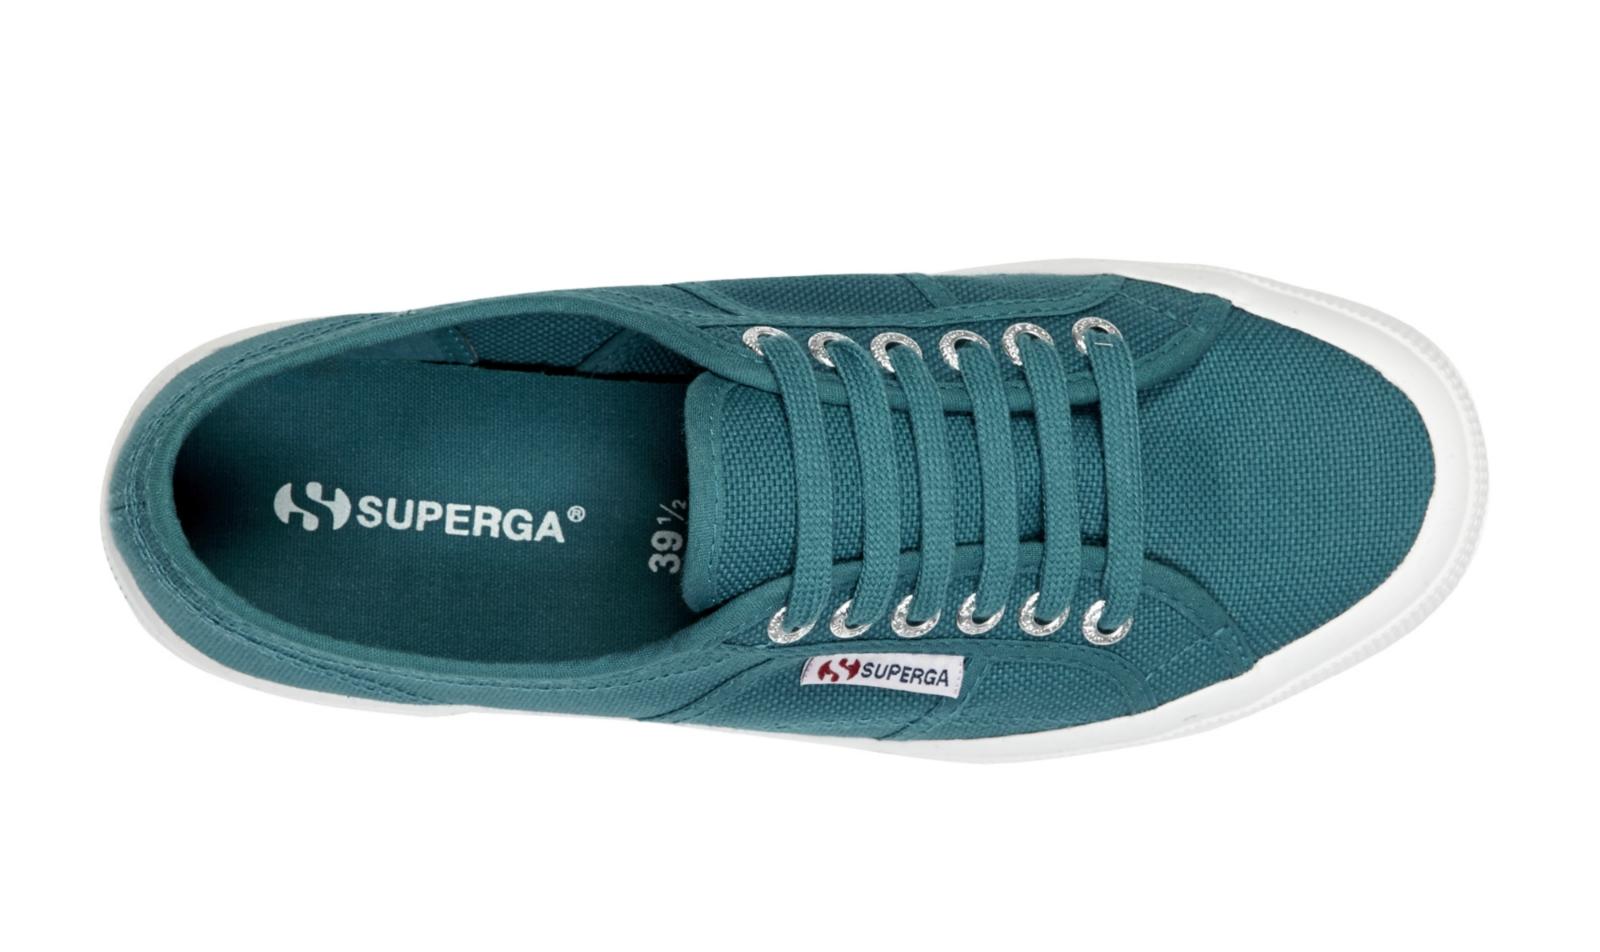 Superga Unisex 2750 Cotu Classic-Blue Canvas Trainers ...